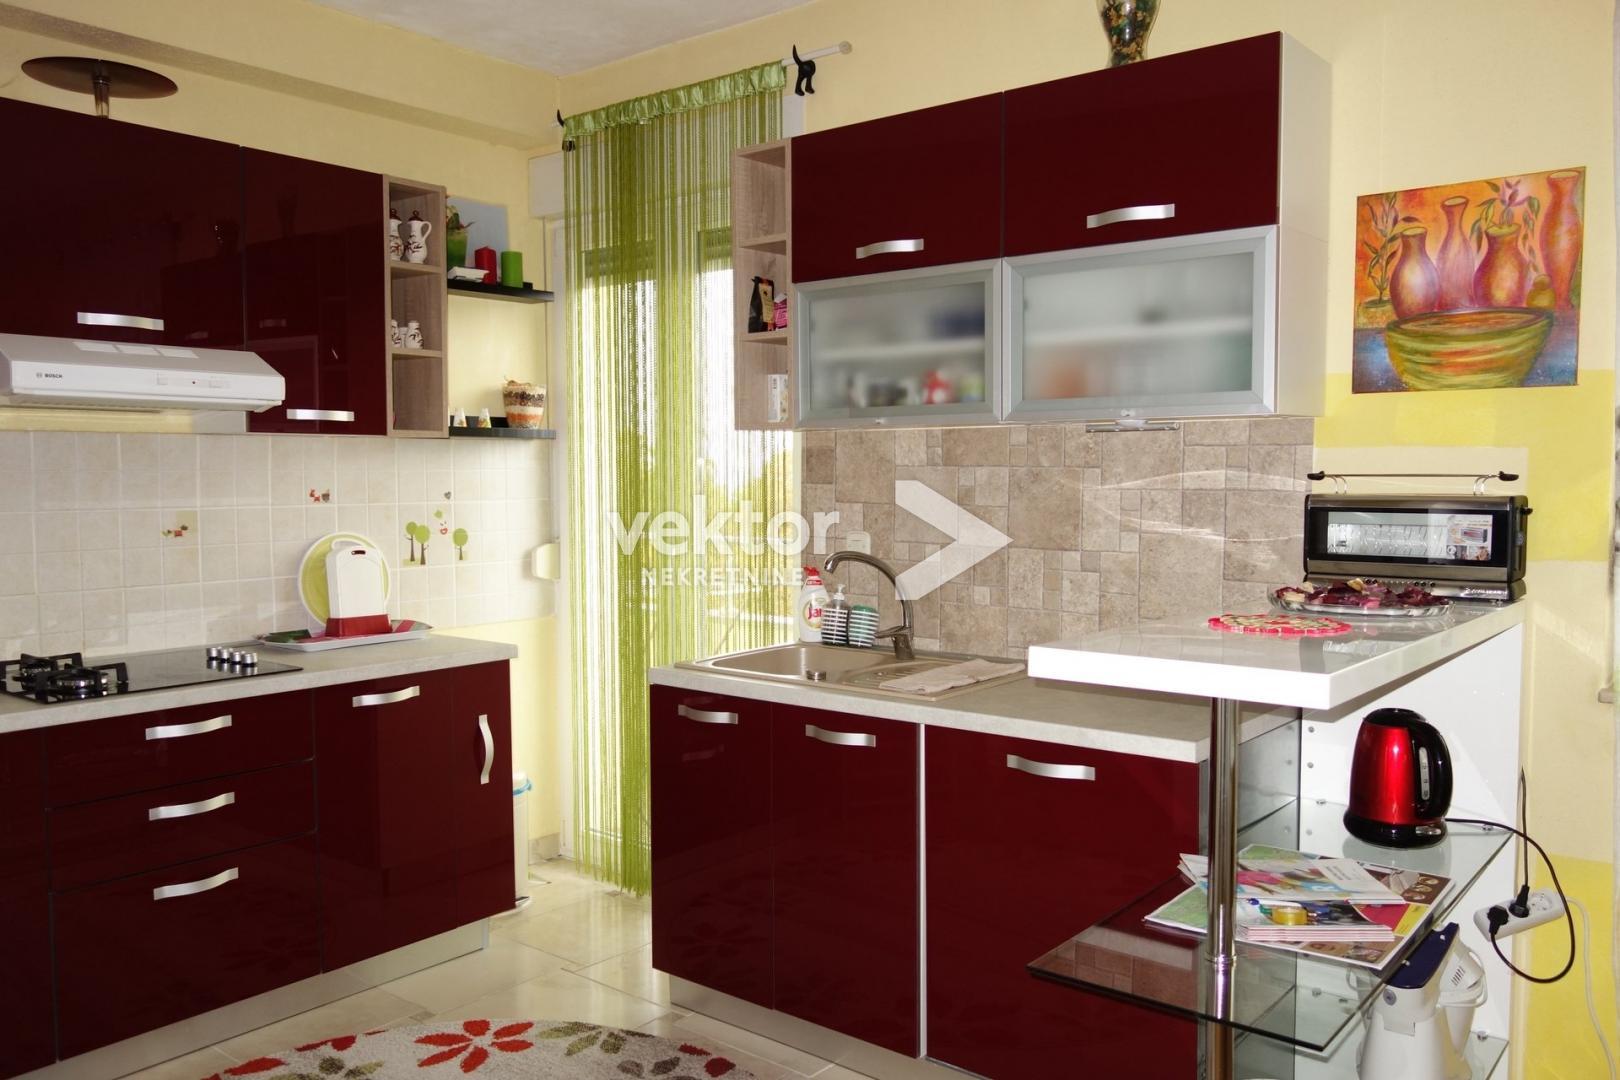 Wohnung Srdoči, Rijeka, 96m2